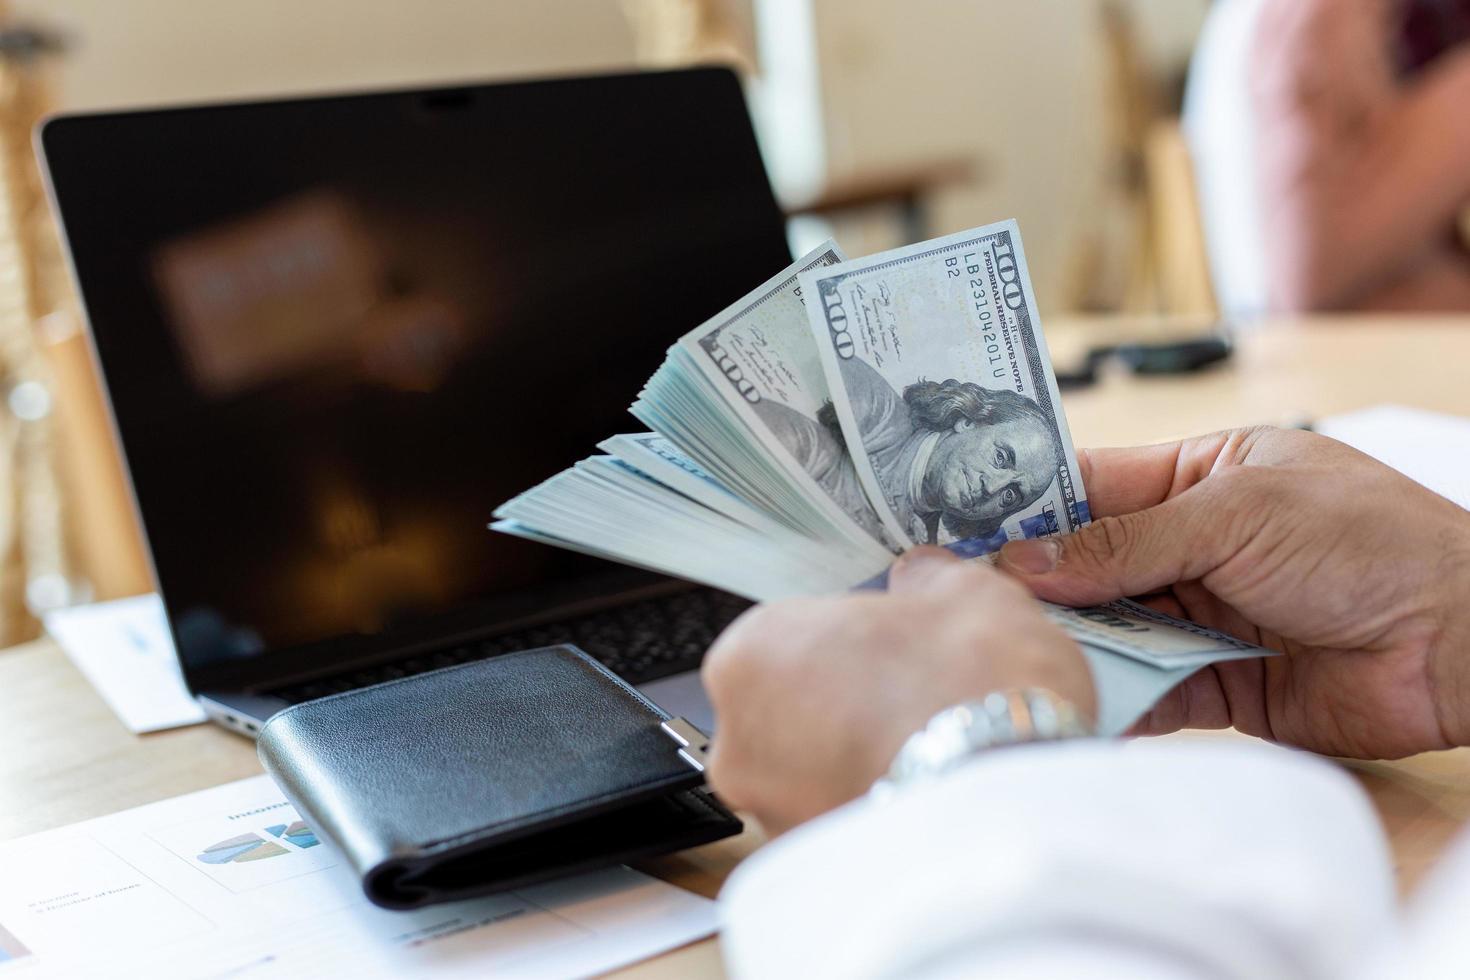 affärsman hanterar pengar på jobbet för att analysera finansiella rapporter foto